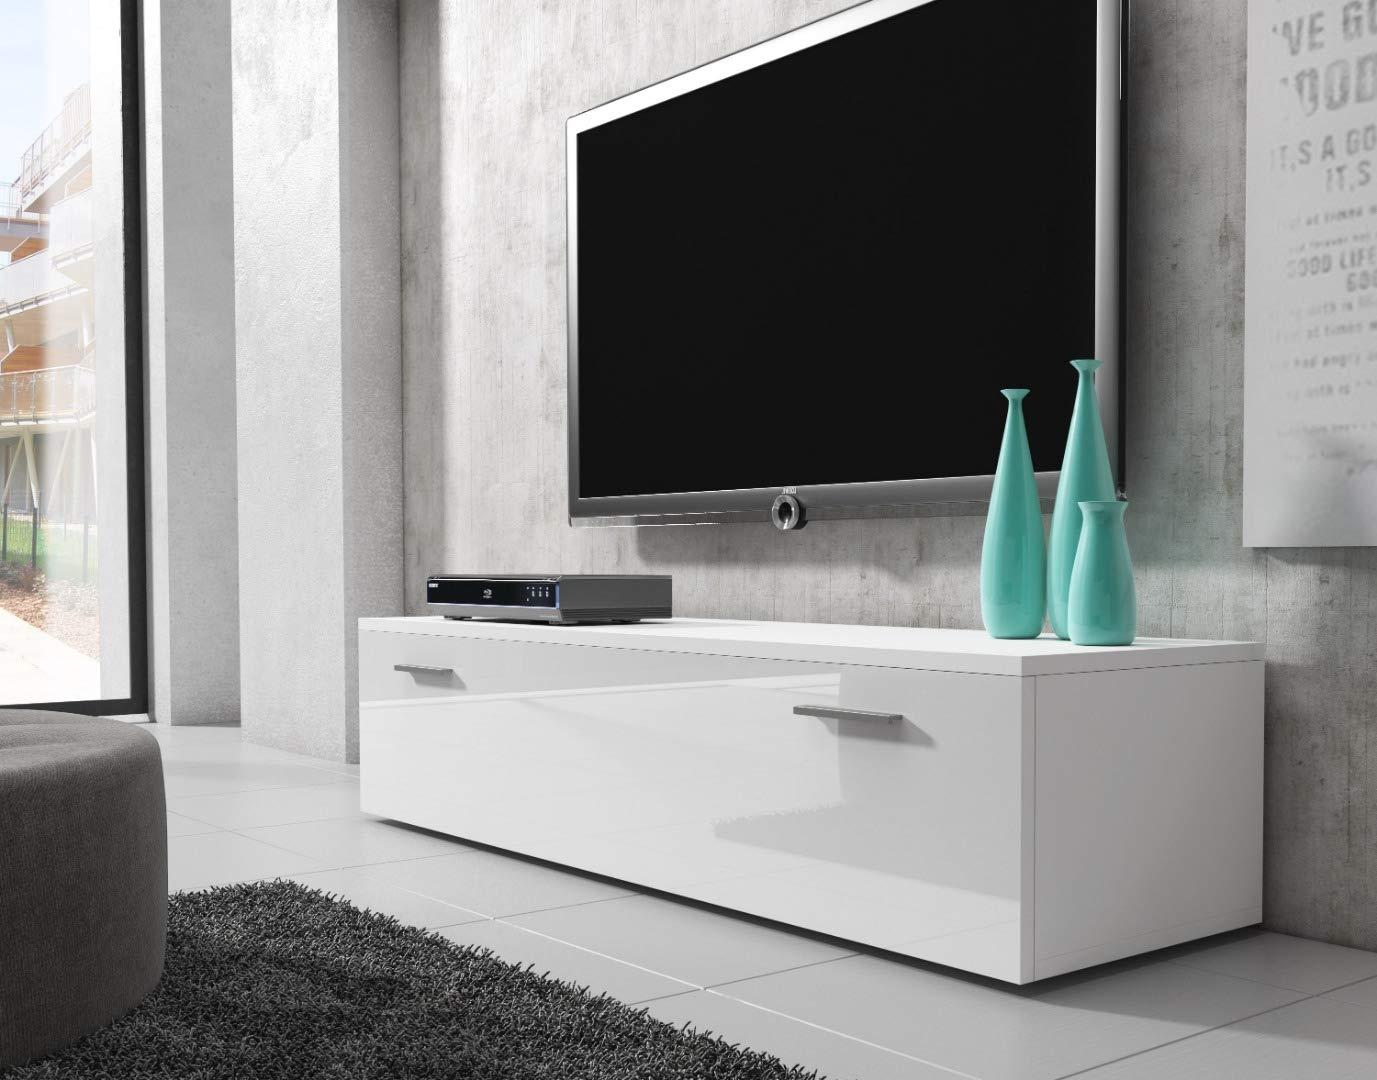 E-com TV Unit Cabinet Stand Boston Body Matte Black//Front Black High gloss 100 cm